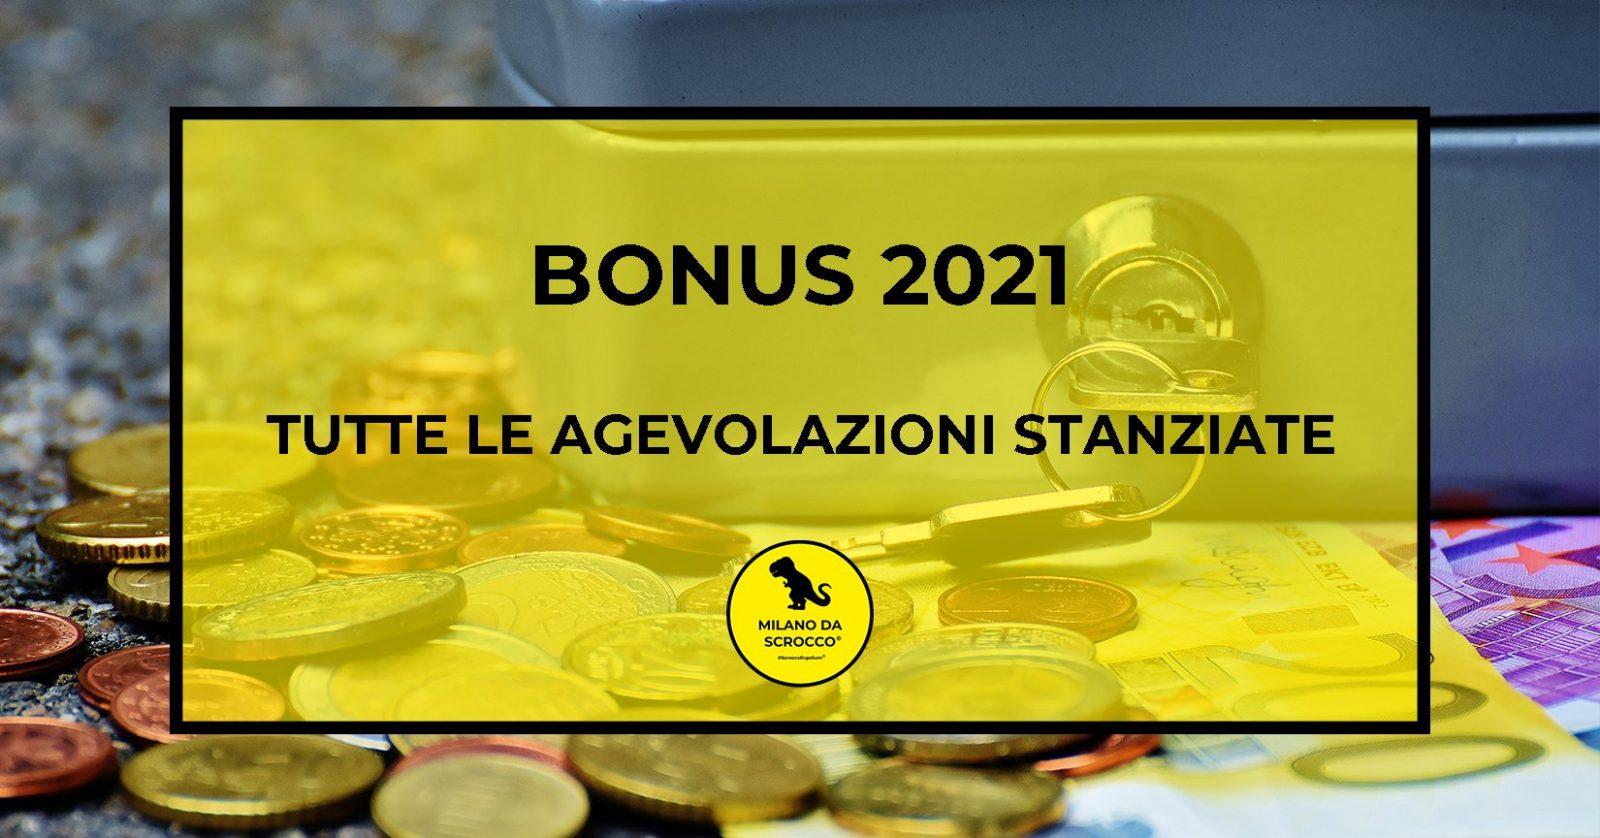 You are currently viewing Bonus 2021: Tutte le agevolazioni stanziate